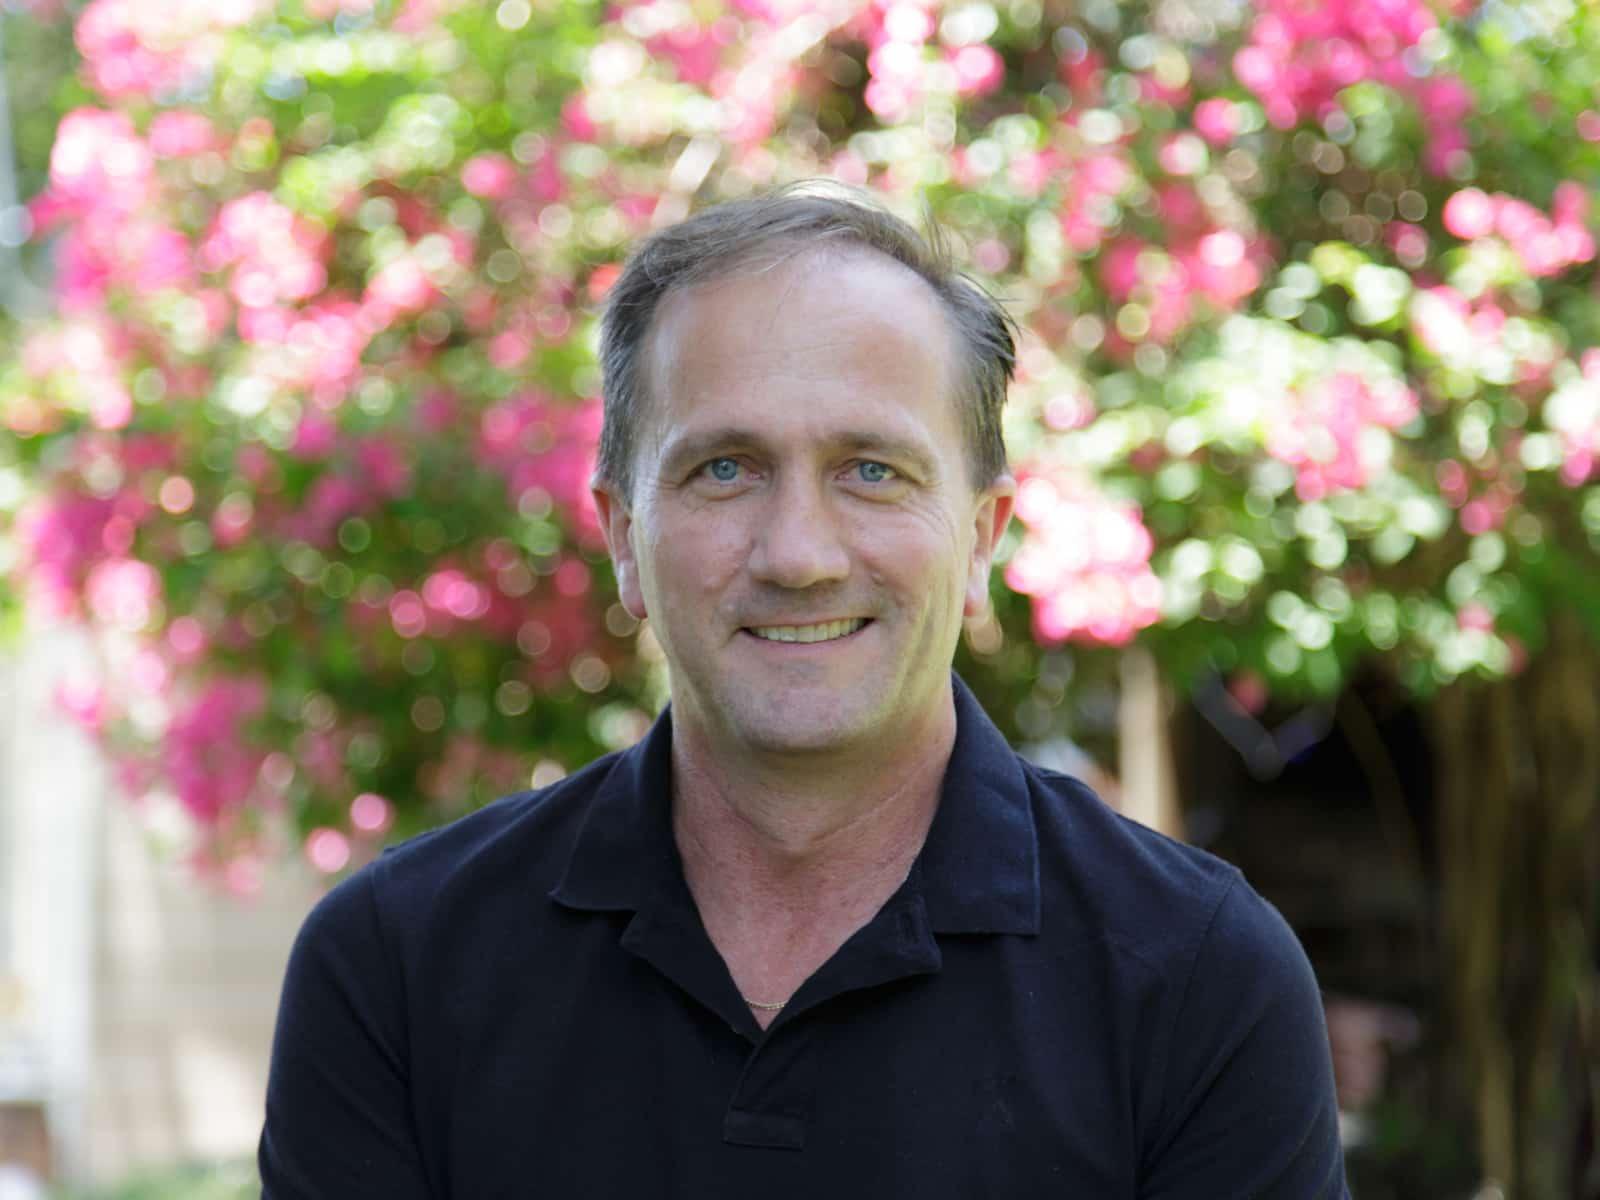 Brian from Melbourne, Victoria, Australia